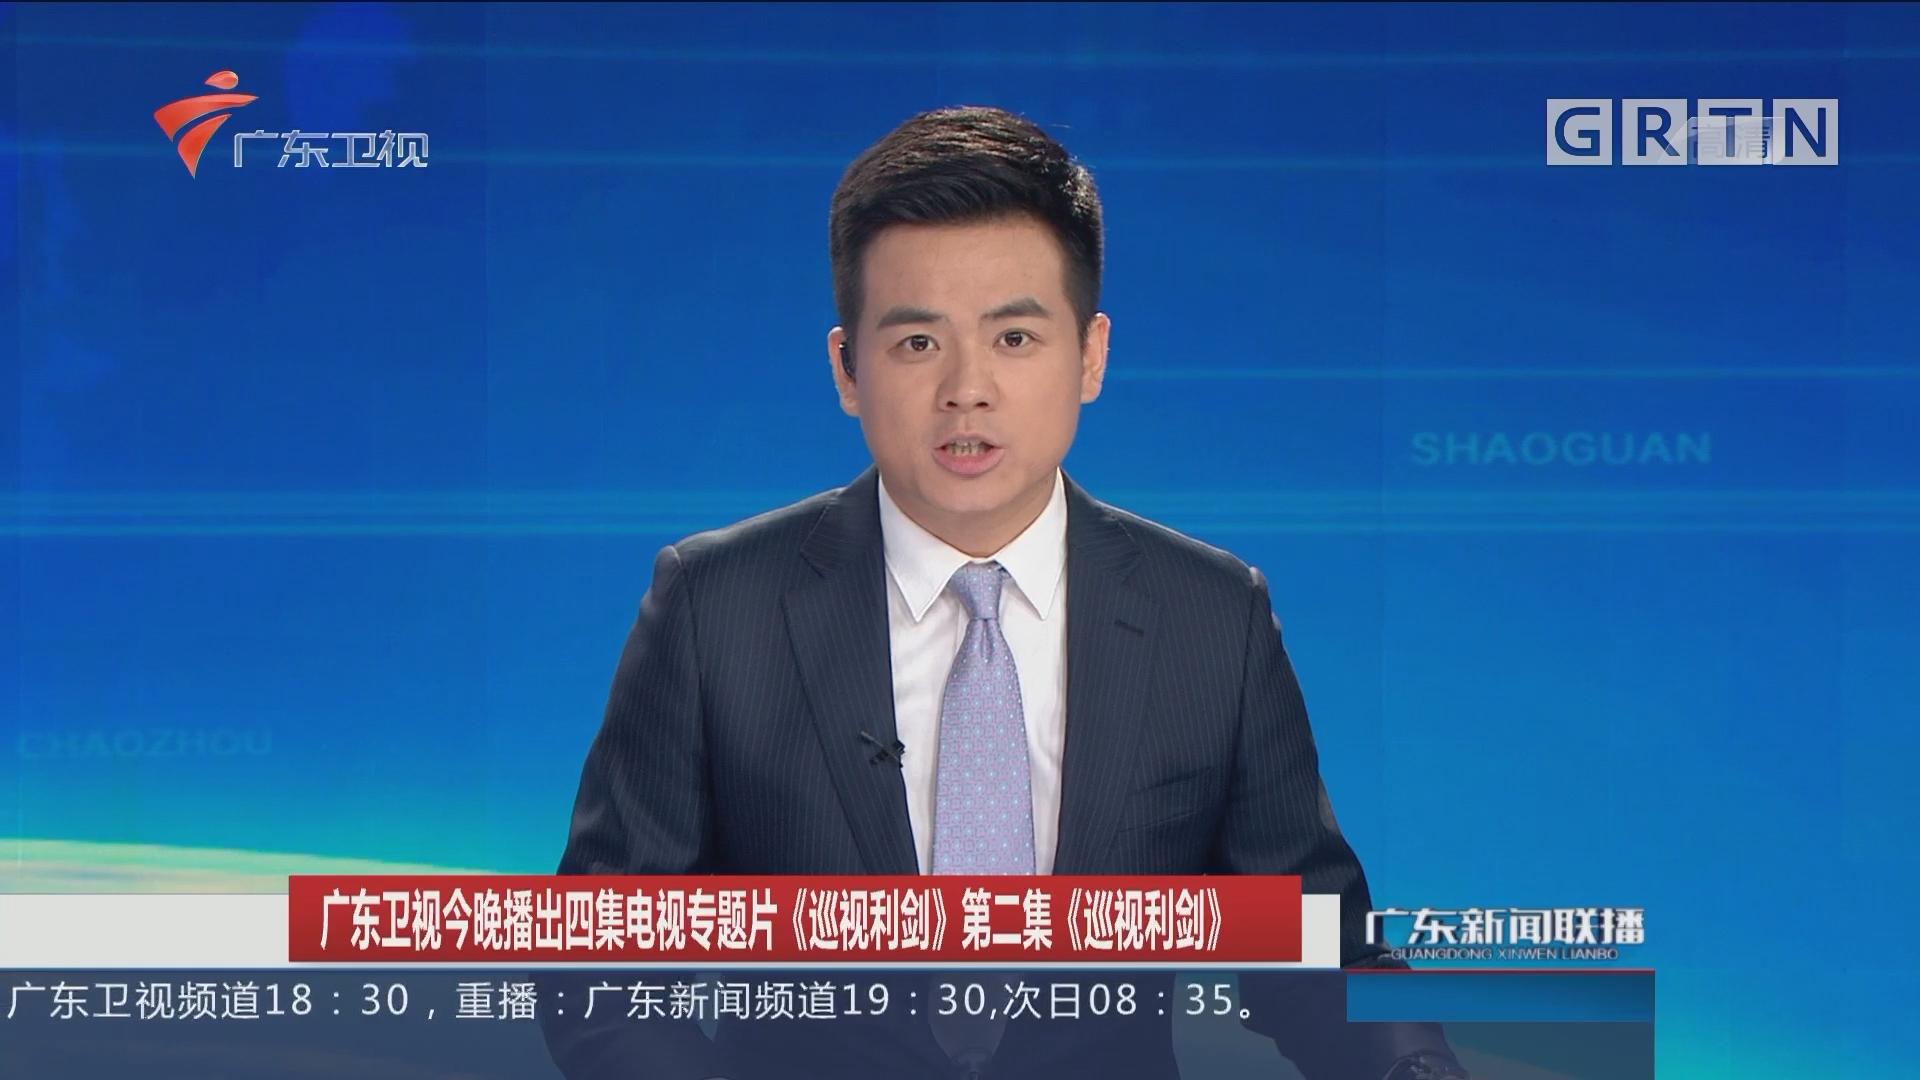 广东卫视今晚播出四集电视专题片《巡视利剑》第二集《巡视利剑》